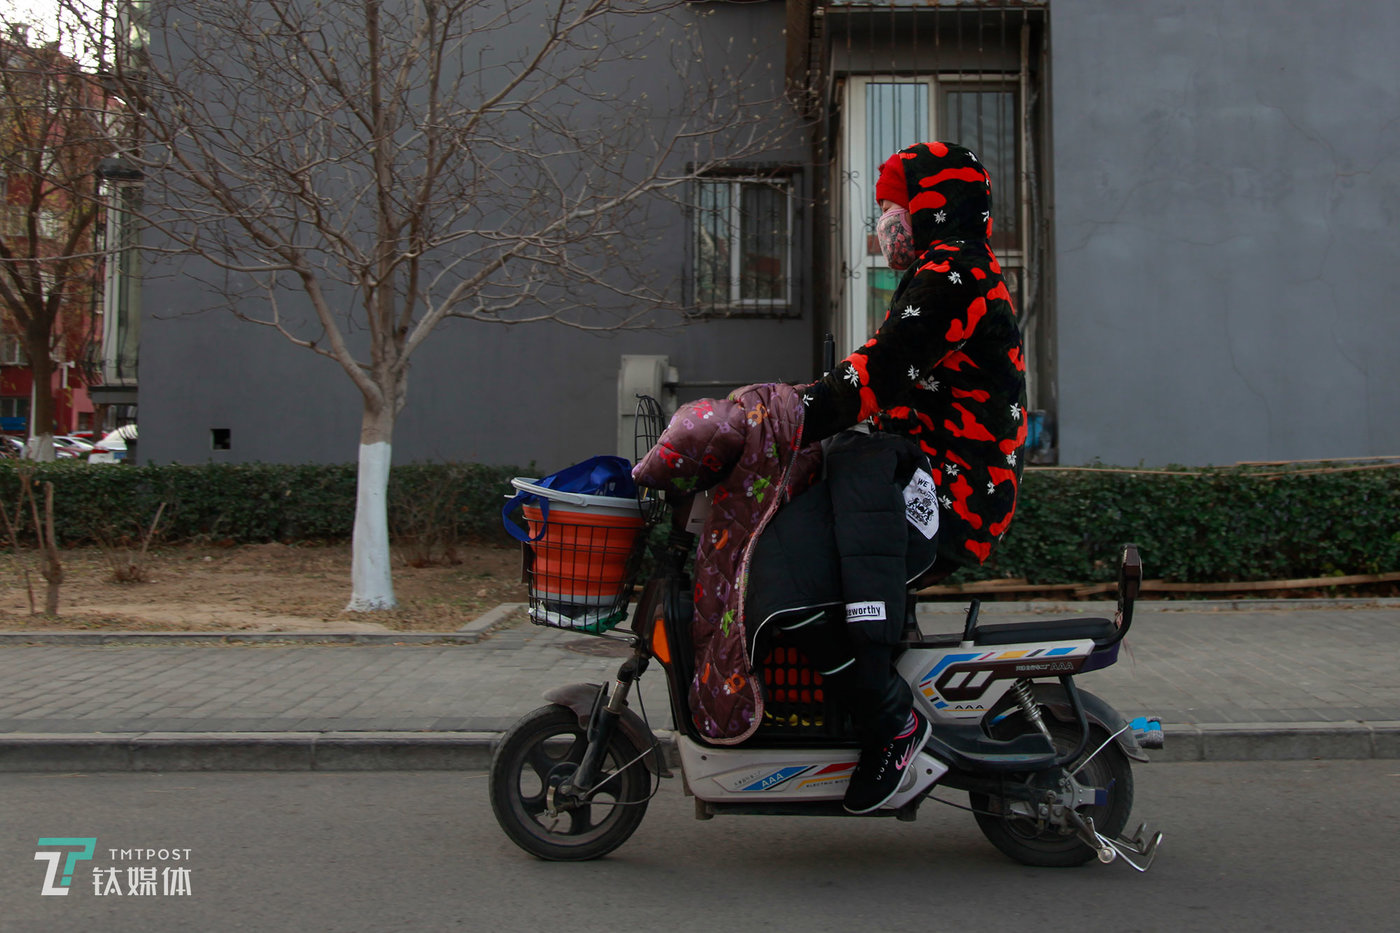 """夏芸骑电动车赶往租客家。这是她的第二辆车,前一辆丢了,丢的时候她正在给租客做清洁,""""当时急冲冲地上楼干活,怕错过时间,忘了锁车。""""北京的冬天一度达到零下8度,夏芸在工作服外套了两件棉袄,在腿上加了一个护膝把自己全副武装起来。尽管冬天很冷,夏芸还是最喜欢在冬天干活,因为夏天打扫流汗太多,有时候眼睛都睁不开,清理垃圾的时候经常有成群的蚊虫打到脸上。"""